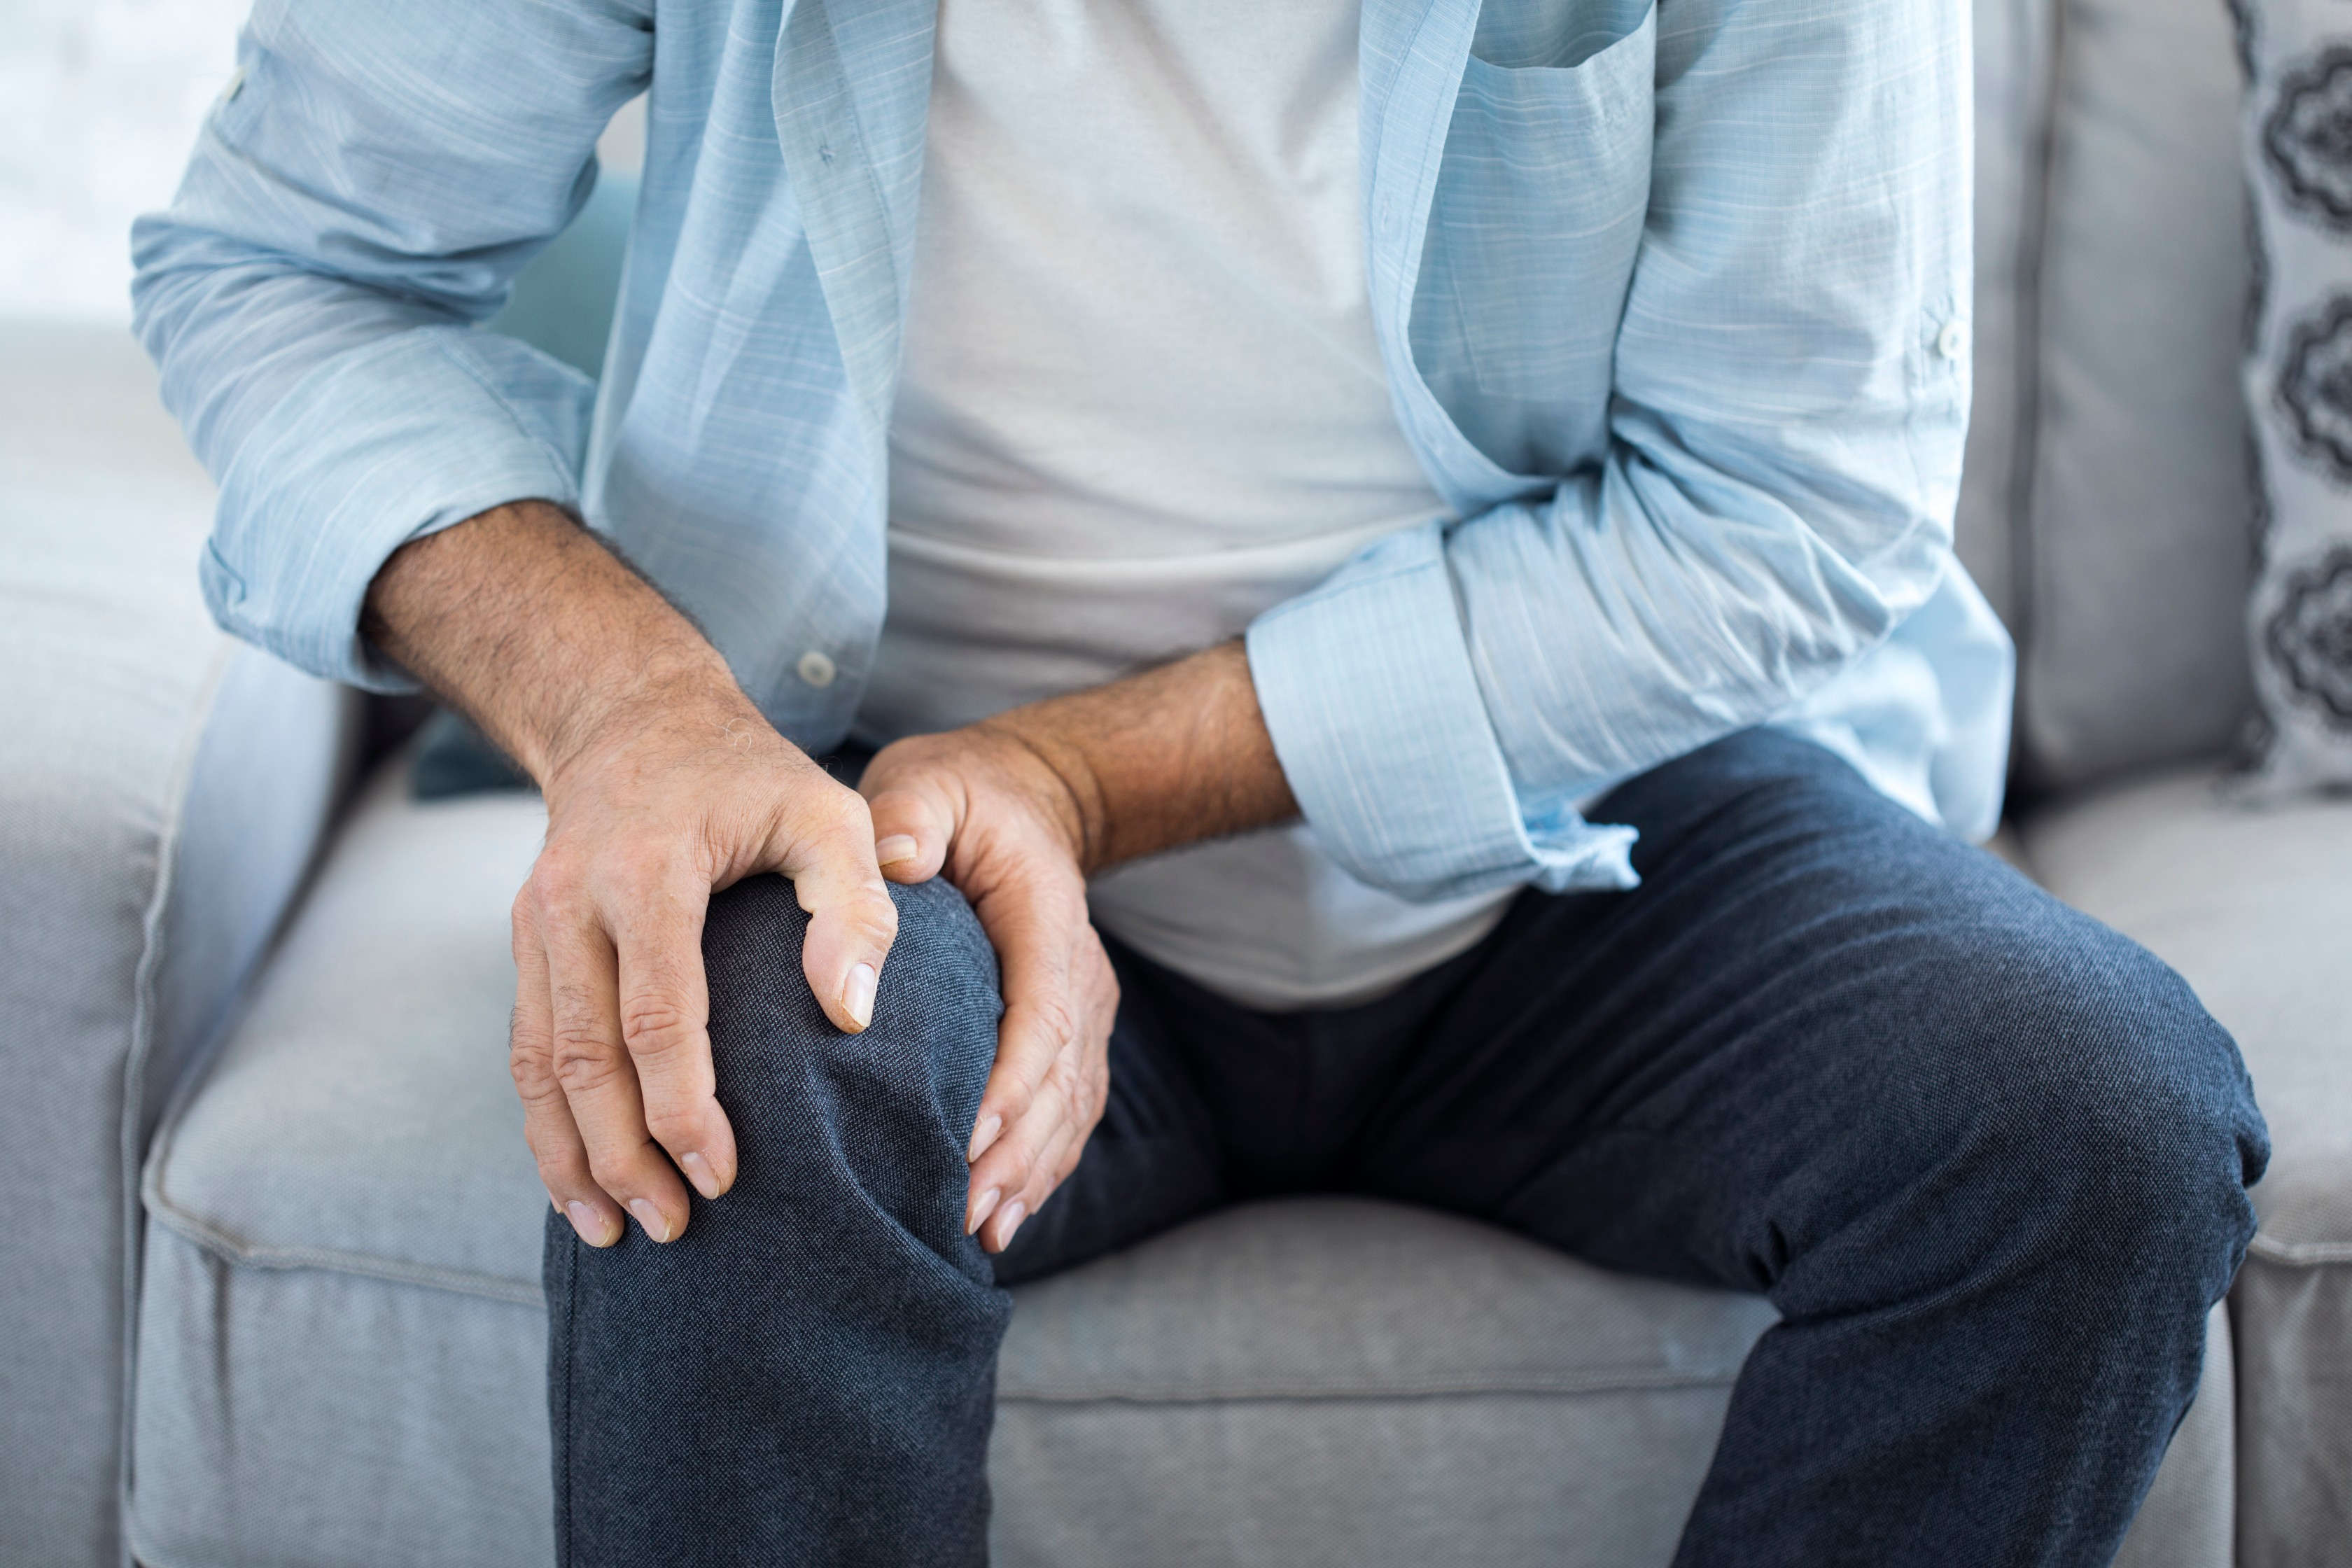 Mikor forduljon orvoshoz ízületi fájdalmával? - fájdalomportádemonstudio.hu